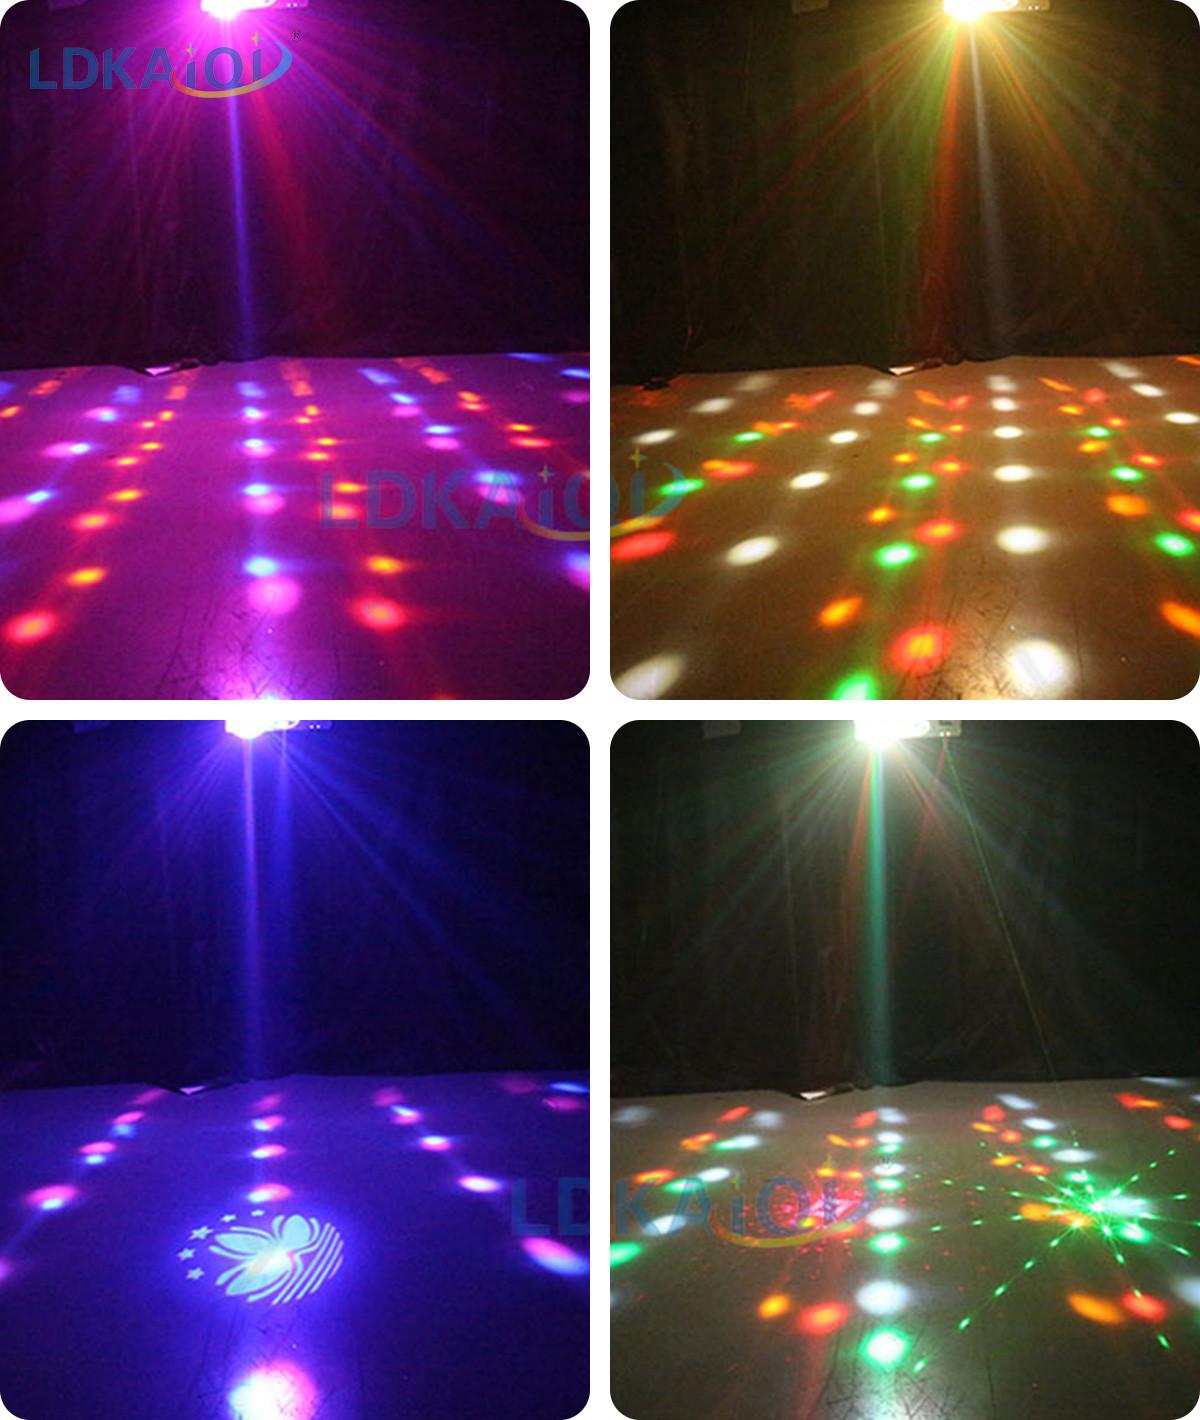 Led & Laser & Strobe &Gobos Lights 4in1 Effect Party Strobe Light(图3)